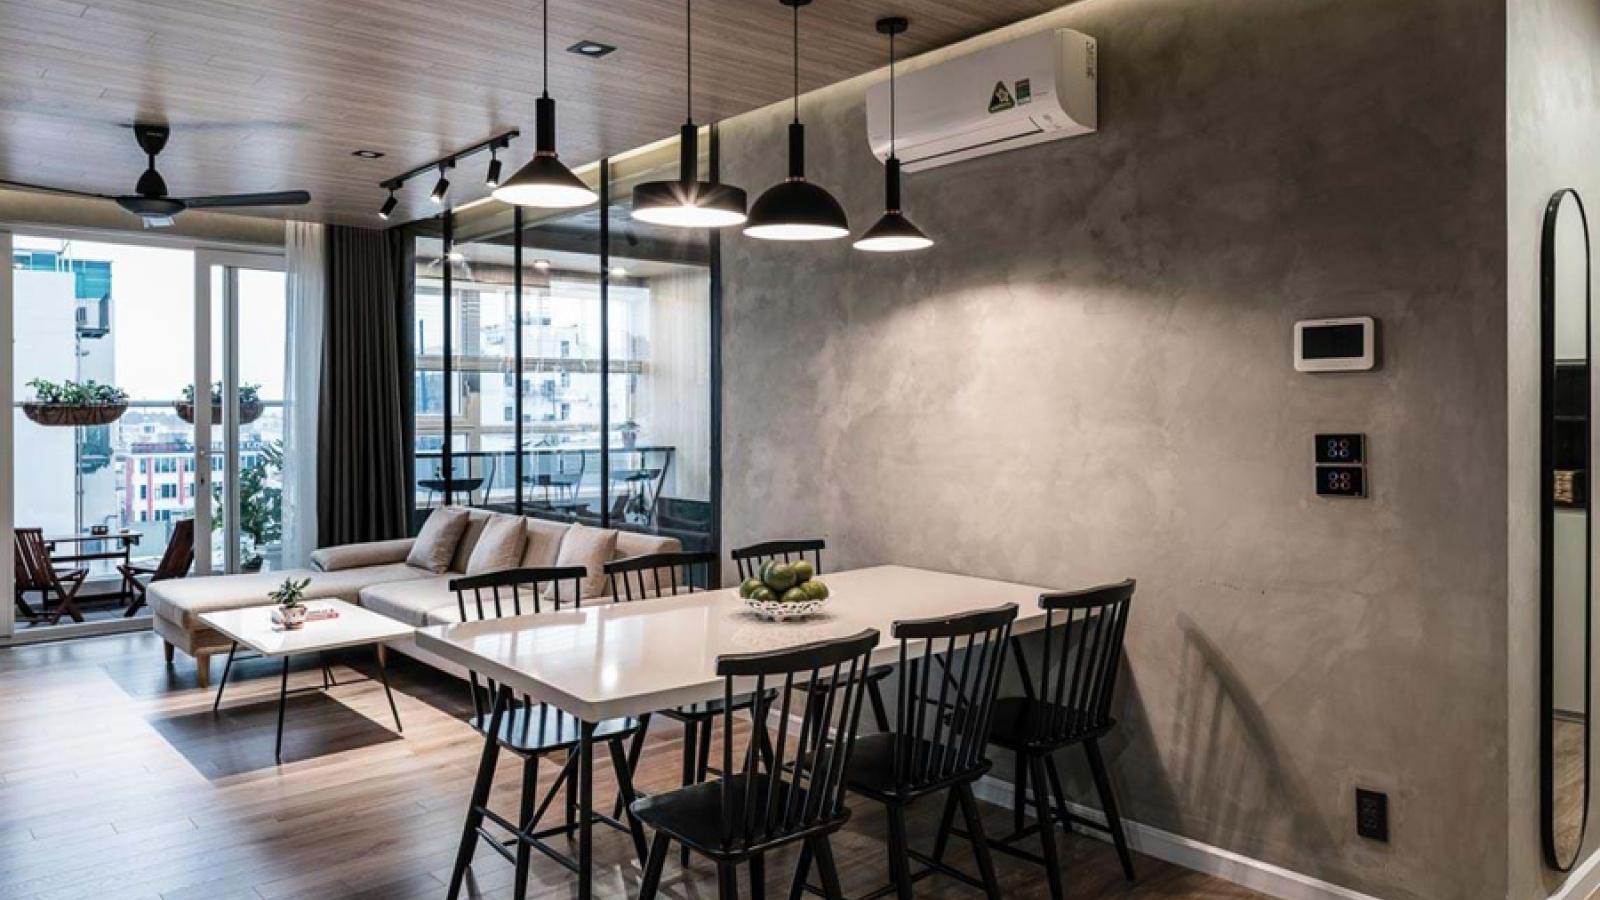 Ngắm căn hộ đẹp, hiện đại với tông màu trầm